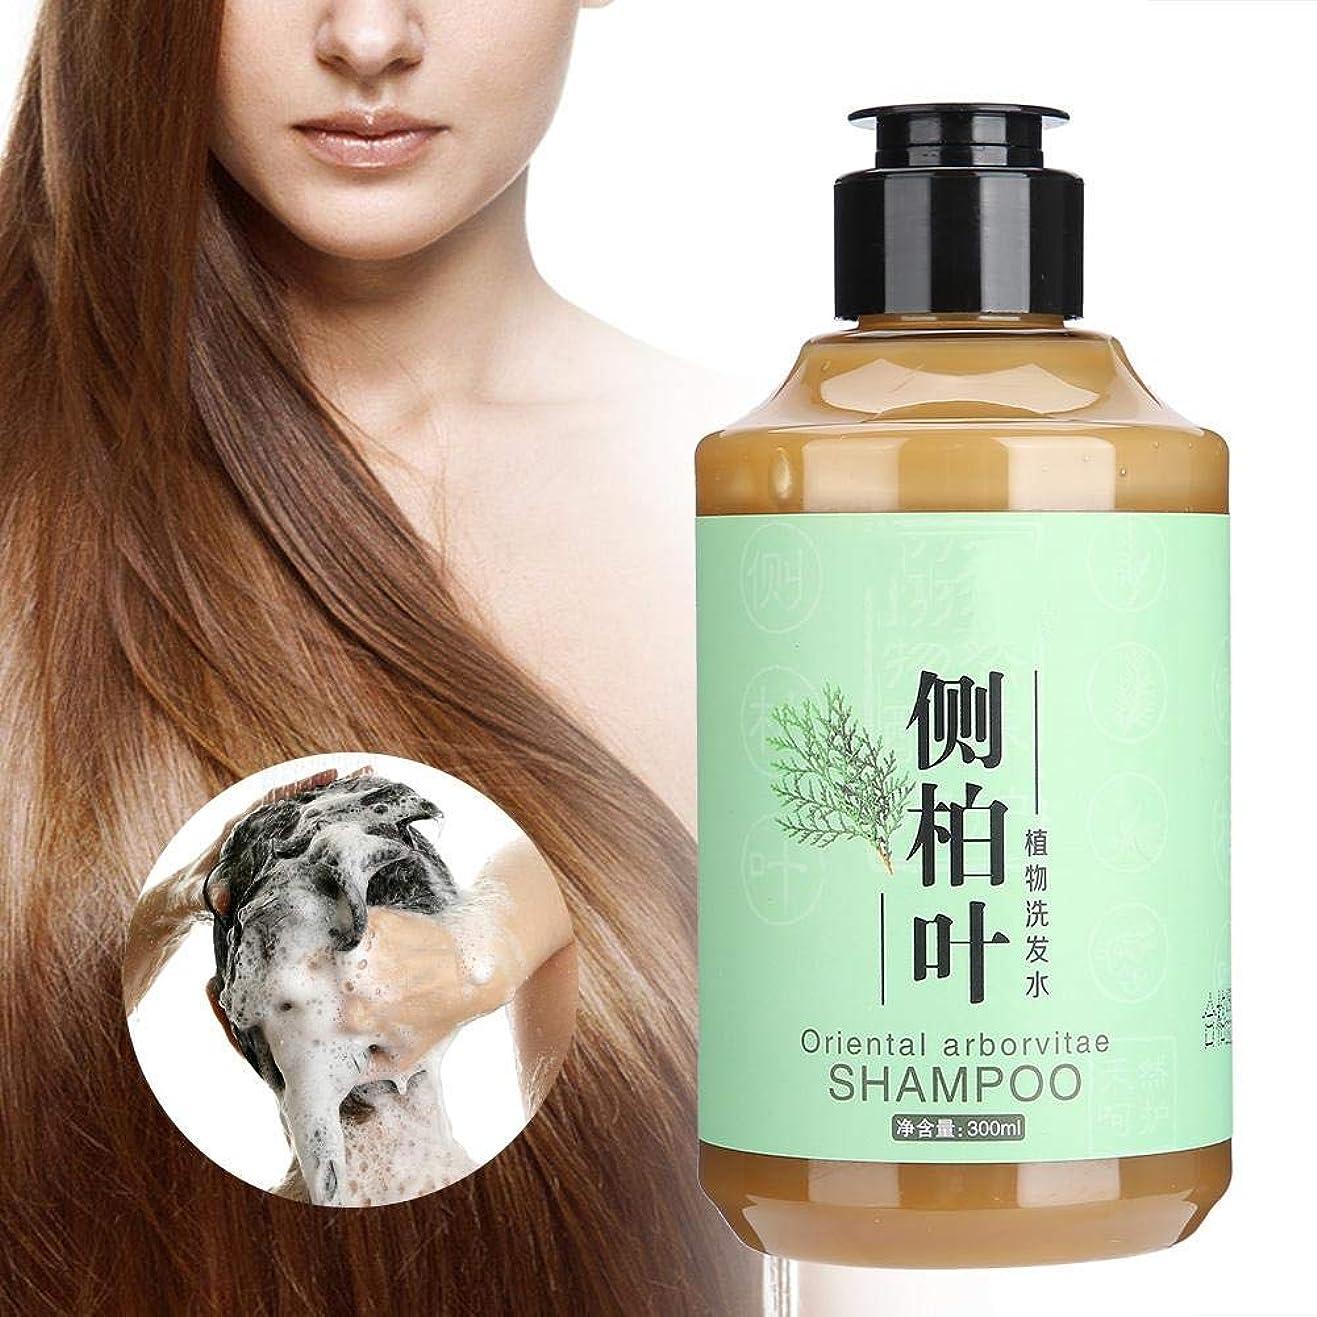 時期尚早提出する選出するシャンプー、髪の毛の栄養補給、髪の毛の根元の栄養補給、すべての髪のタイプの男性と女性のための抜け毛の栄養補給用シャンプー